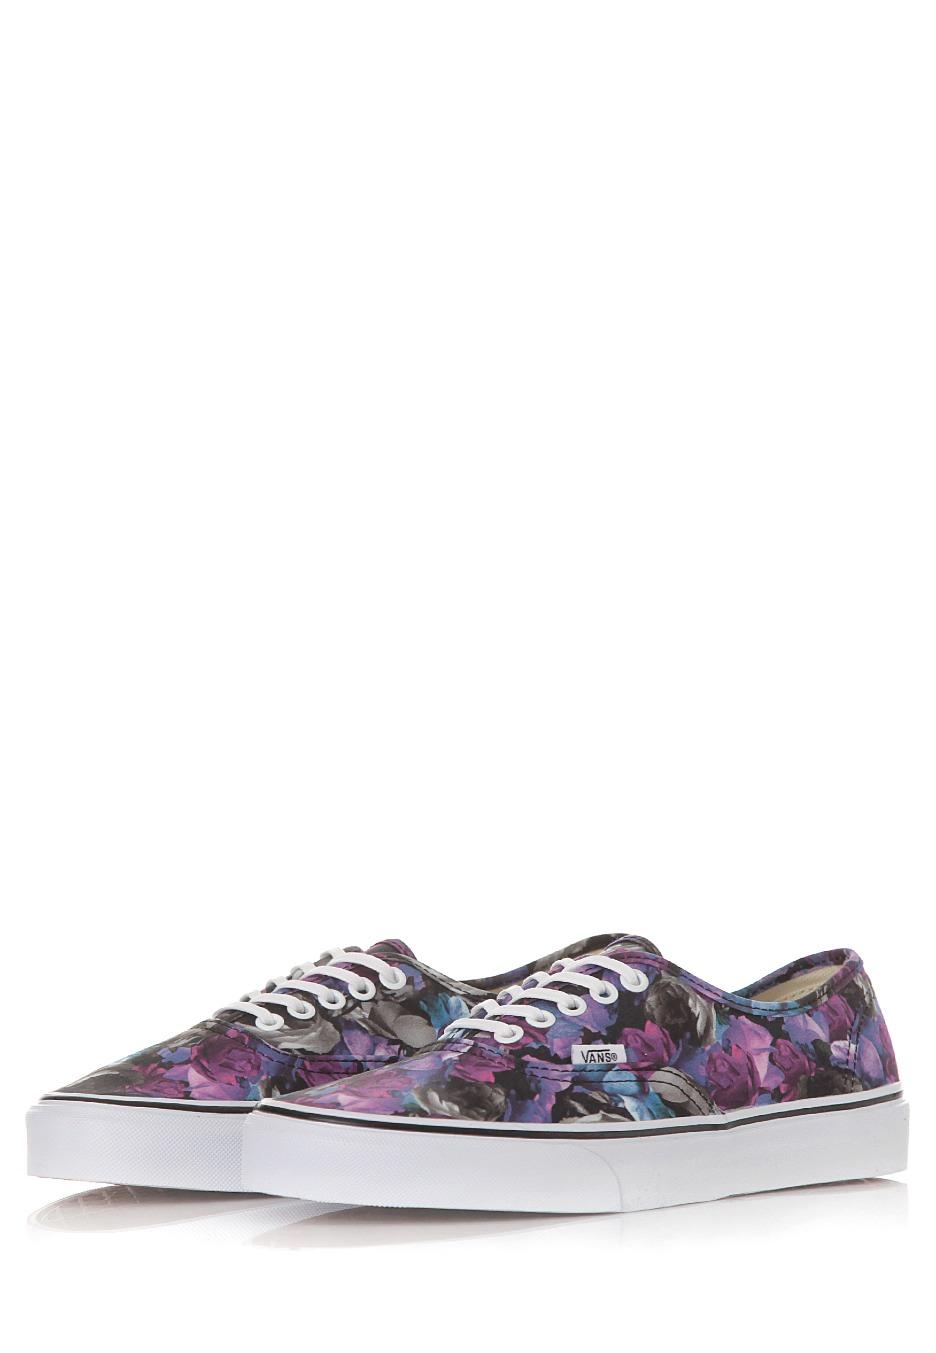 a83e969658 ... Vans - Authentic Digi Floral Multi True White - Girl Shoes ...